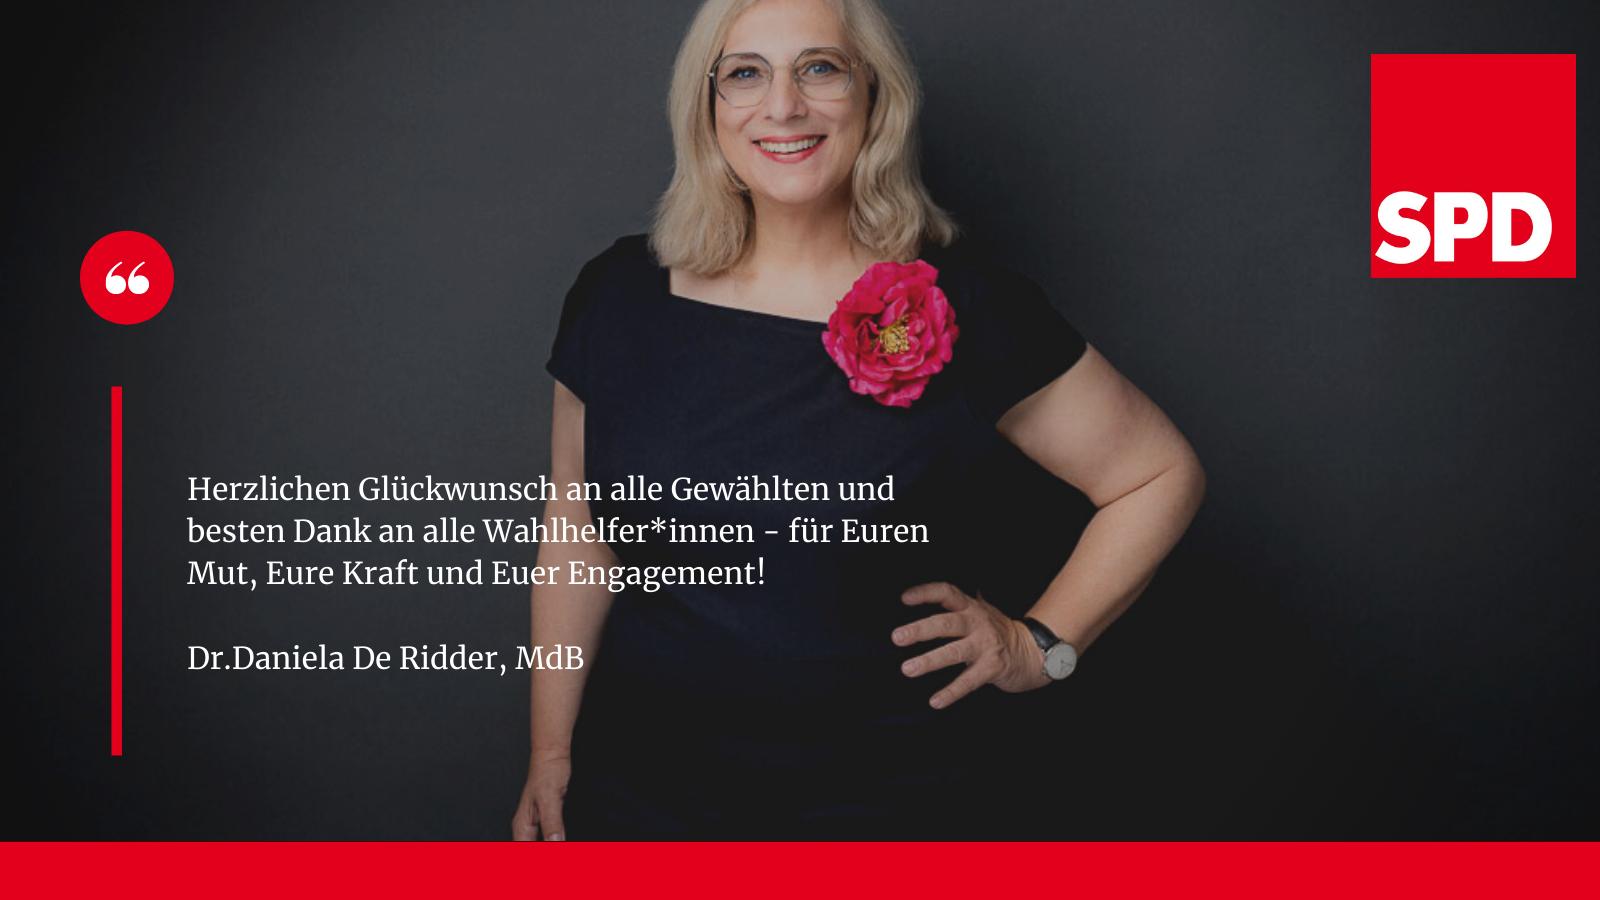 Statement Dr. Daniela De Ridder